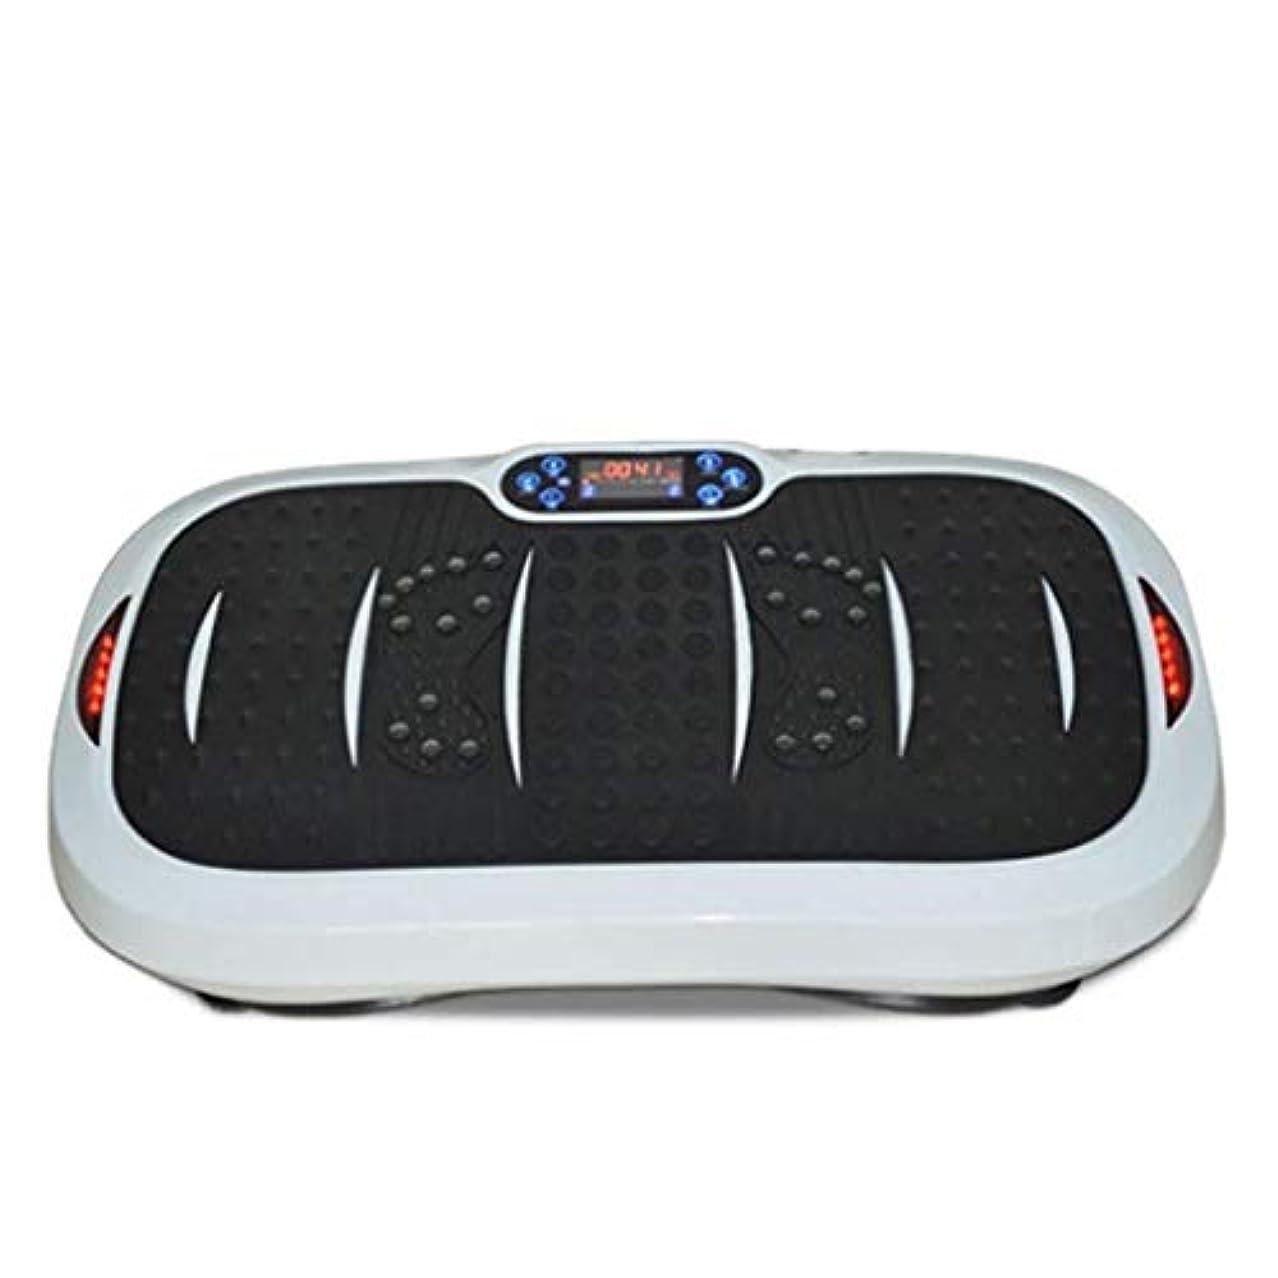 一晩試みなので家庭用減量装置、超薄型振動フィットネストレーナー、スポーツおよび3Dフィットネス振動プレート、USB音楽/スピーカー付き/ 99レベル減速ボディおよびタッチディスプレイ滑り止め表面